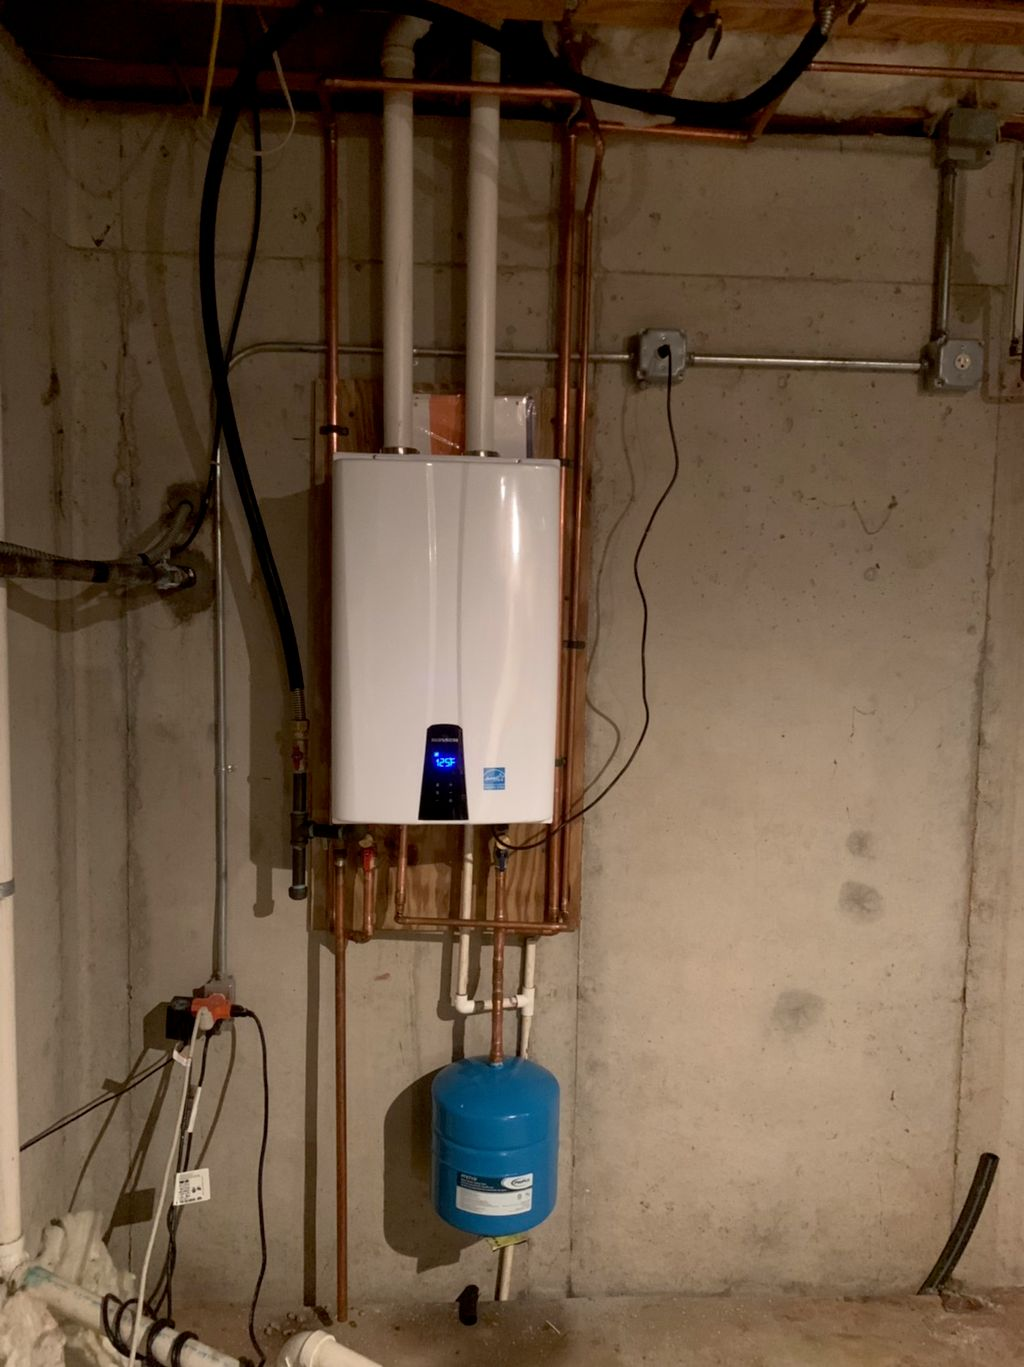 Barci Plumbing & Heating